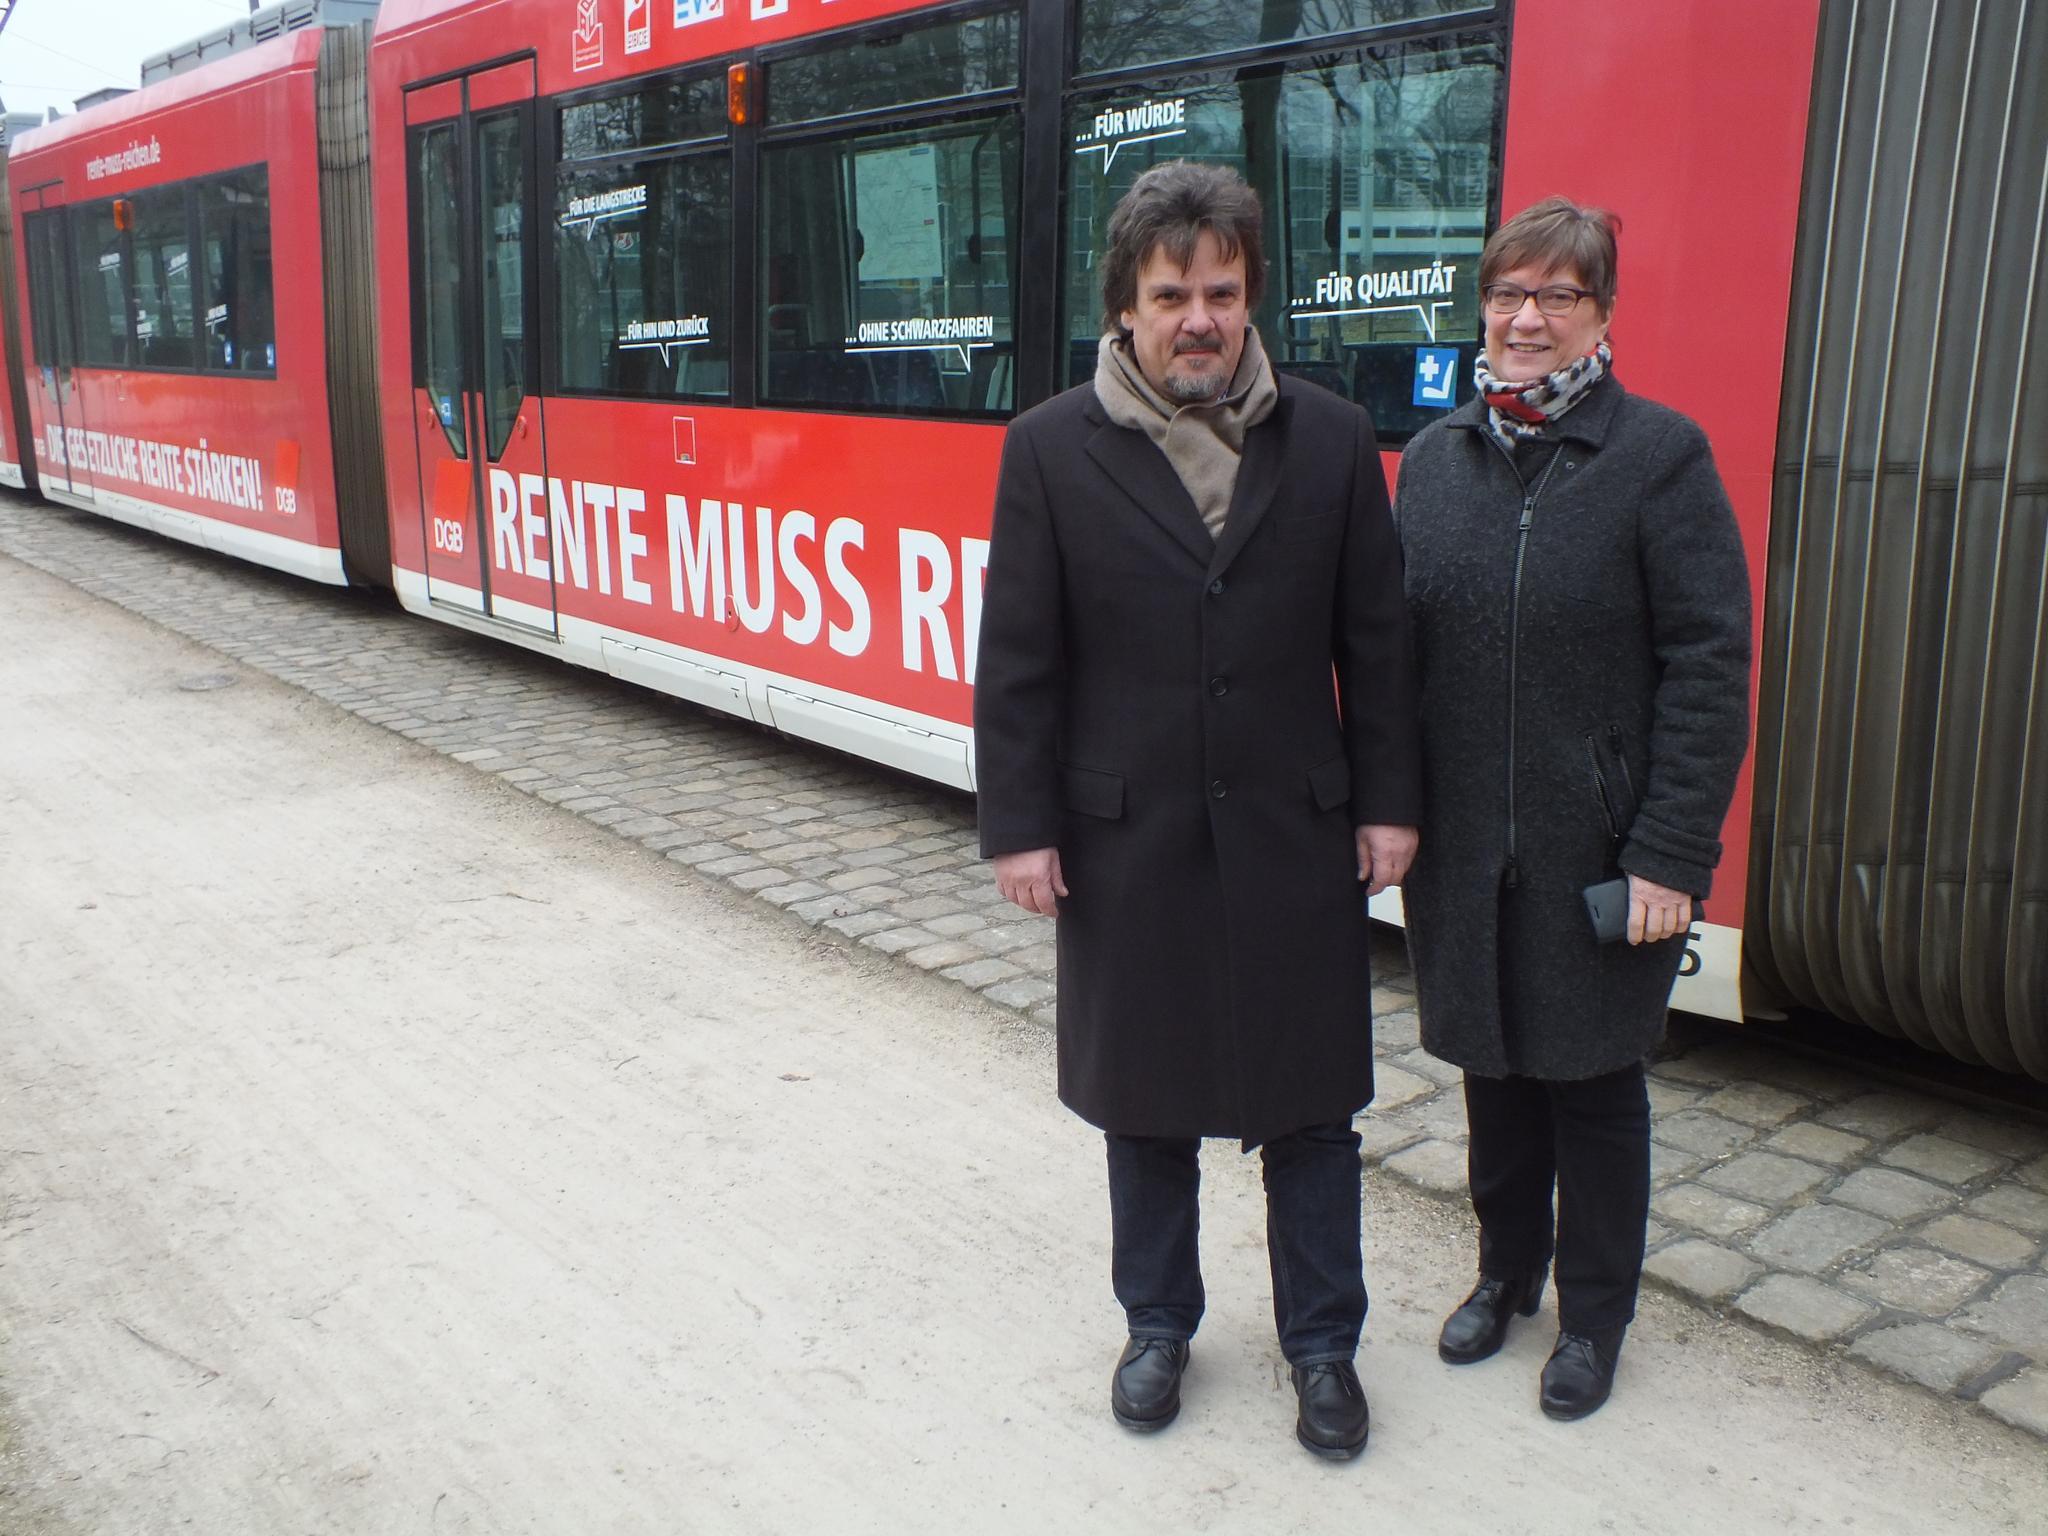 DGB Rentenkampagne auf Straßenbahn